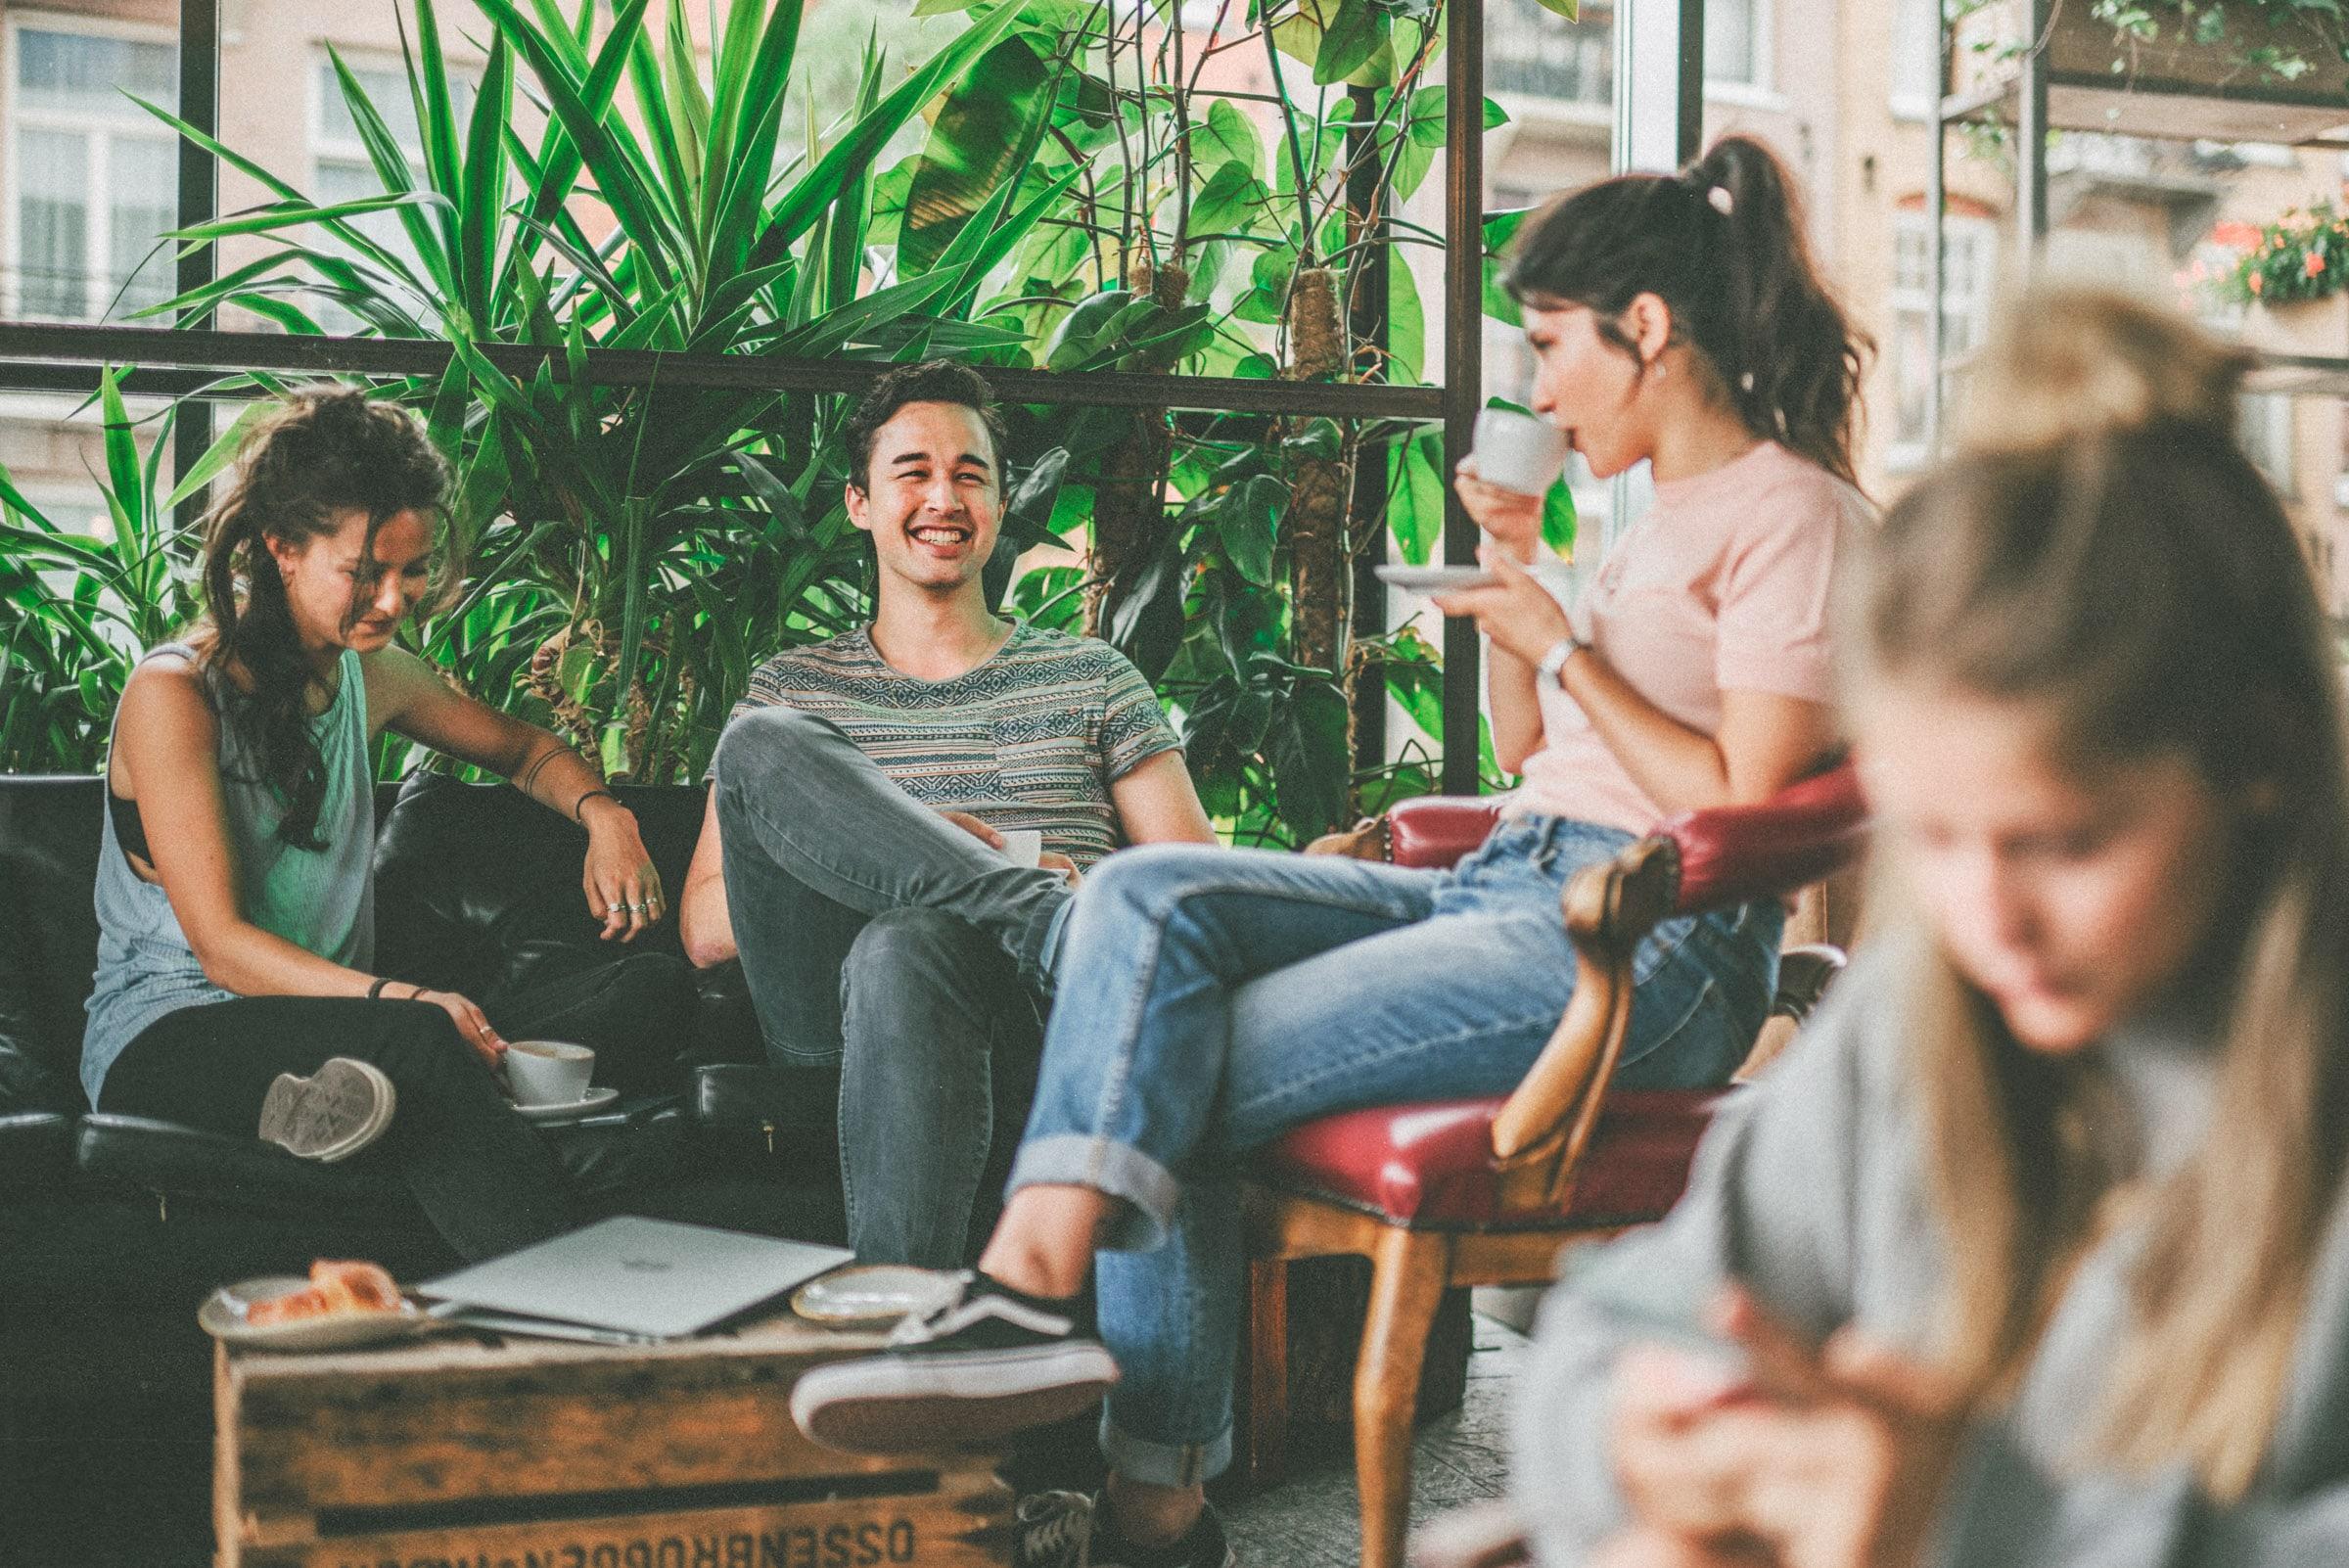 Drei Studenten sitzen in einem Café